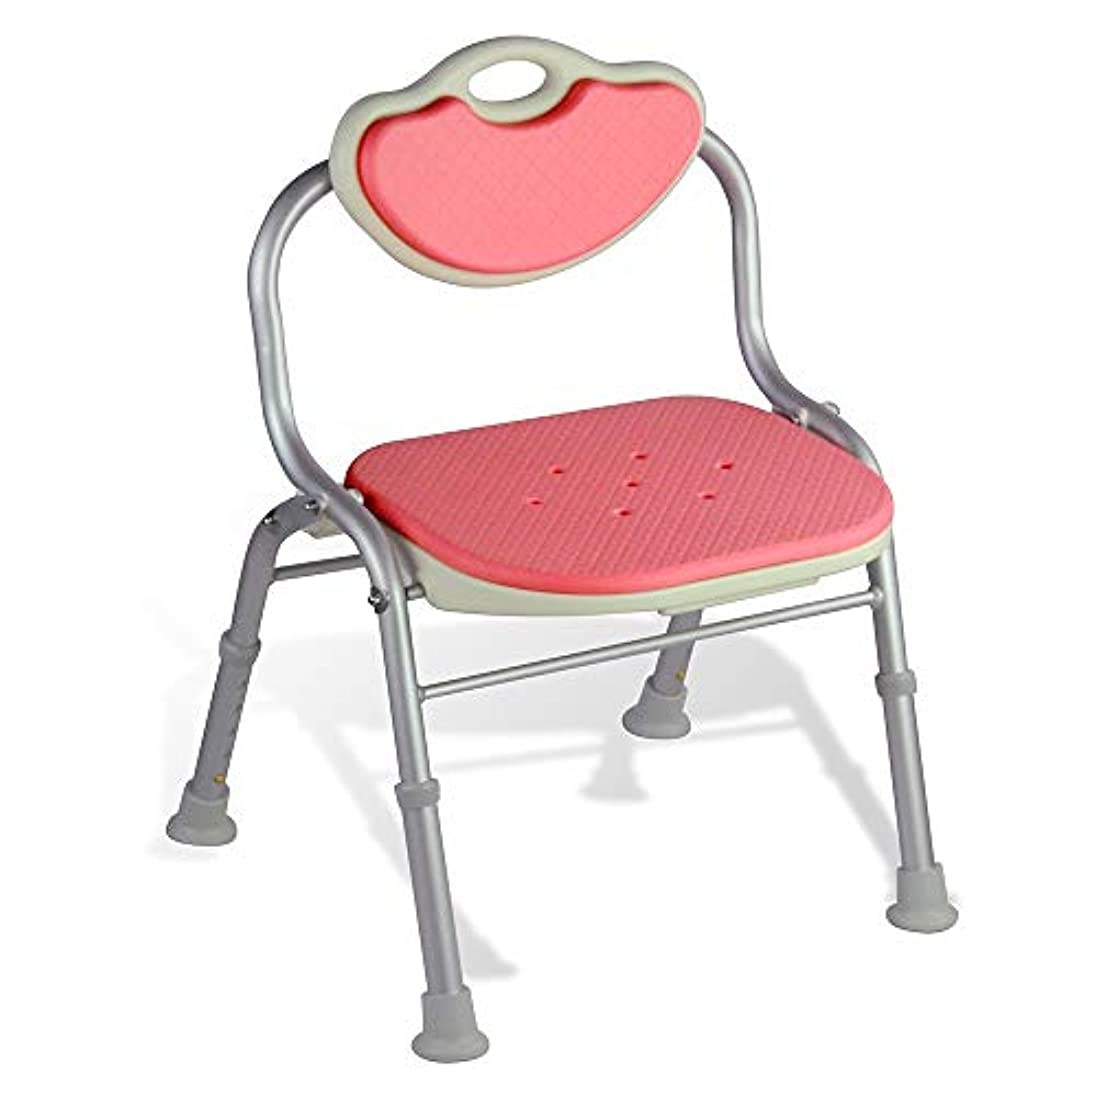 みがきます頬広く調節可能なシャワーチェア、背中付き-障害者、障害者、高齢者向けのバスタブチェア (Color : ピンク)